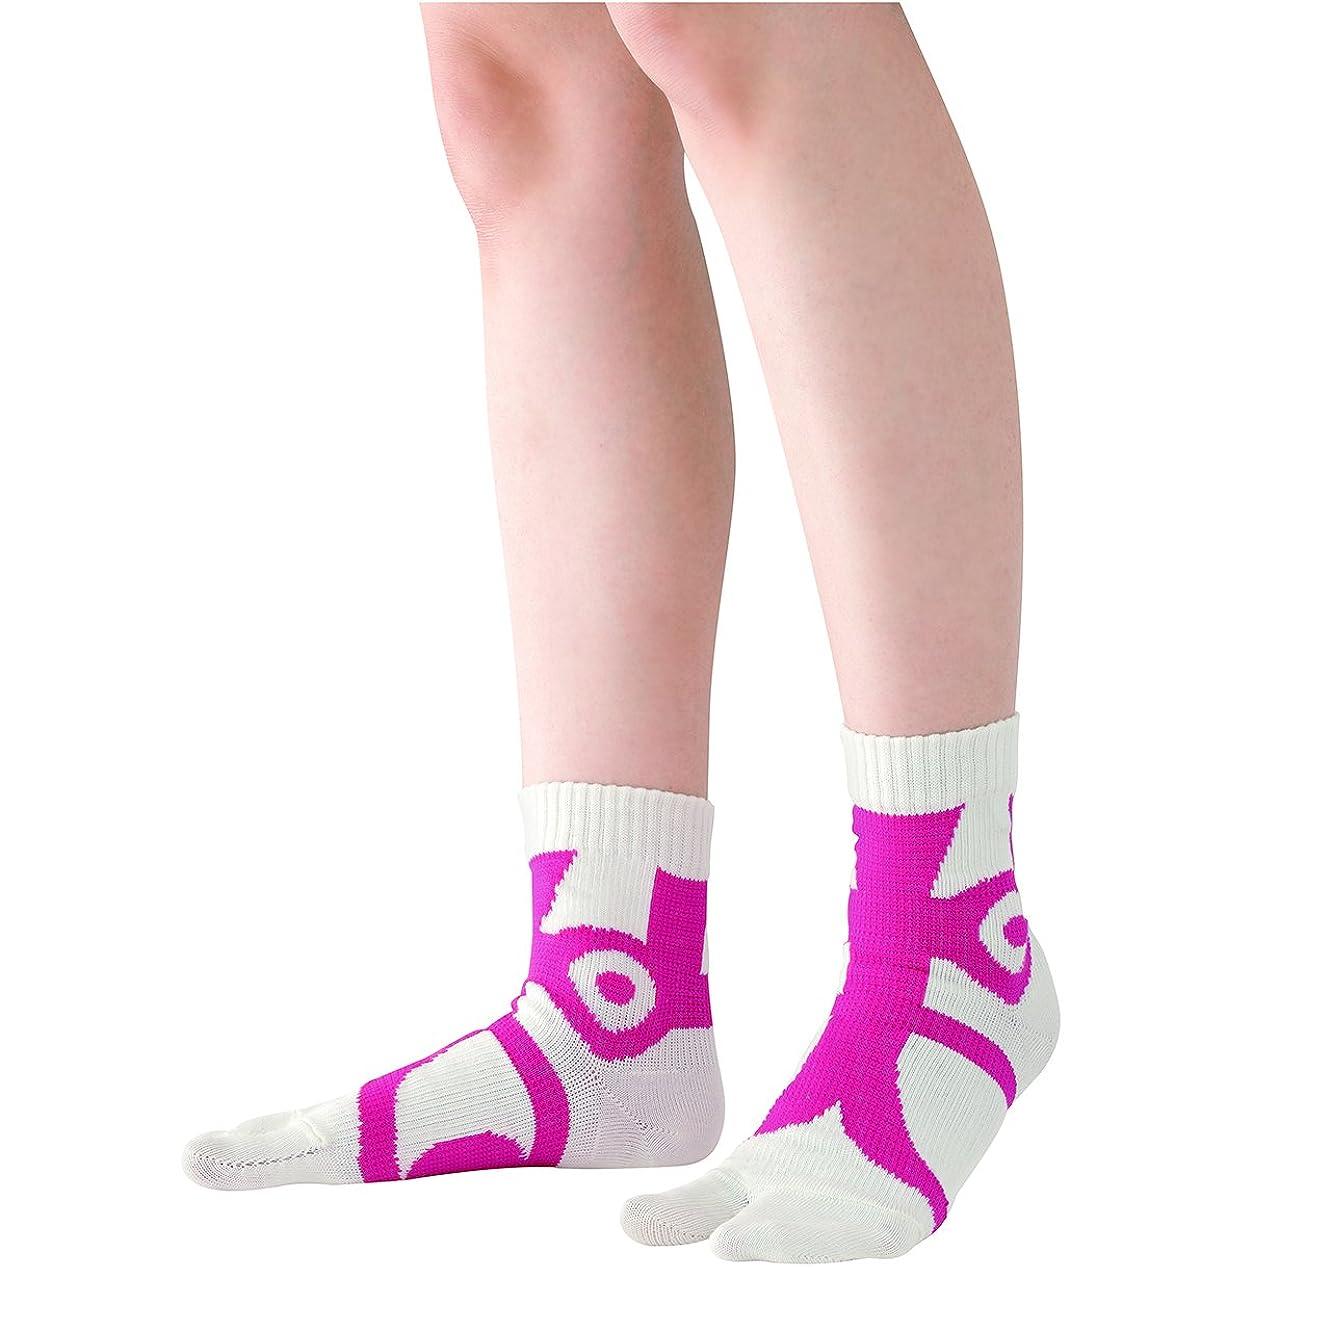 刺激する密度デコラティブ快歩テーピング靴下 ホワイト×ピンク